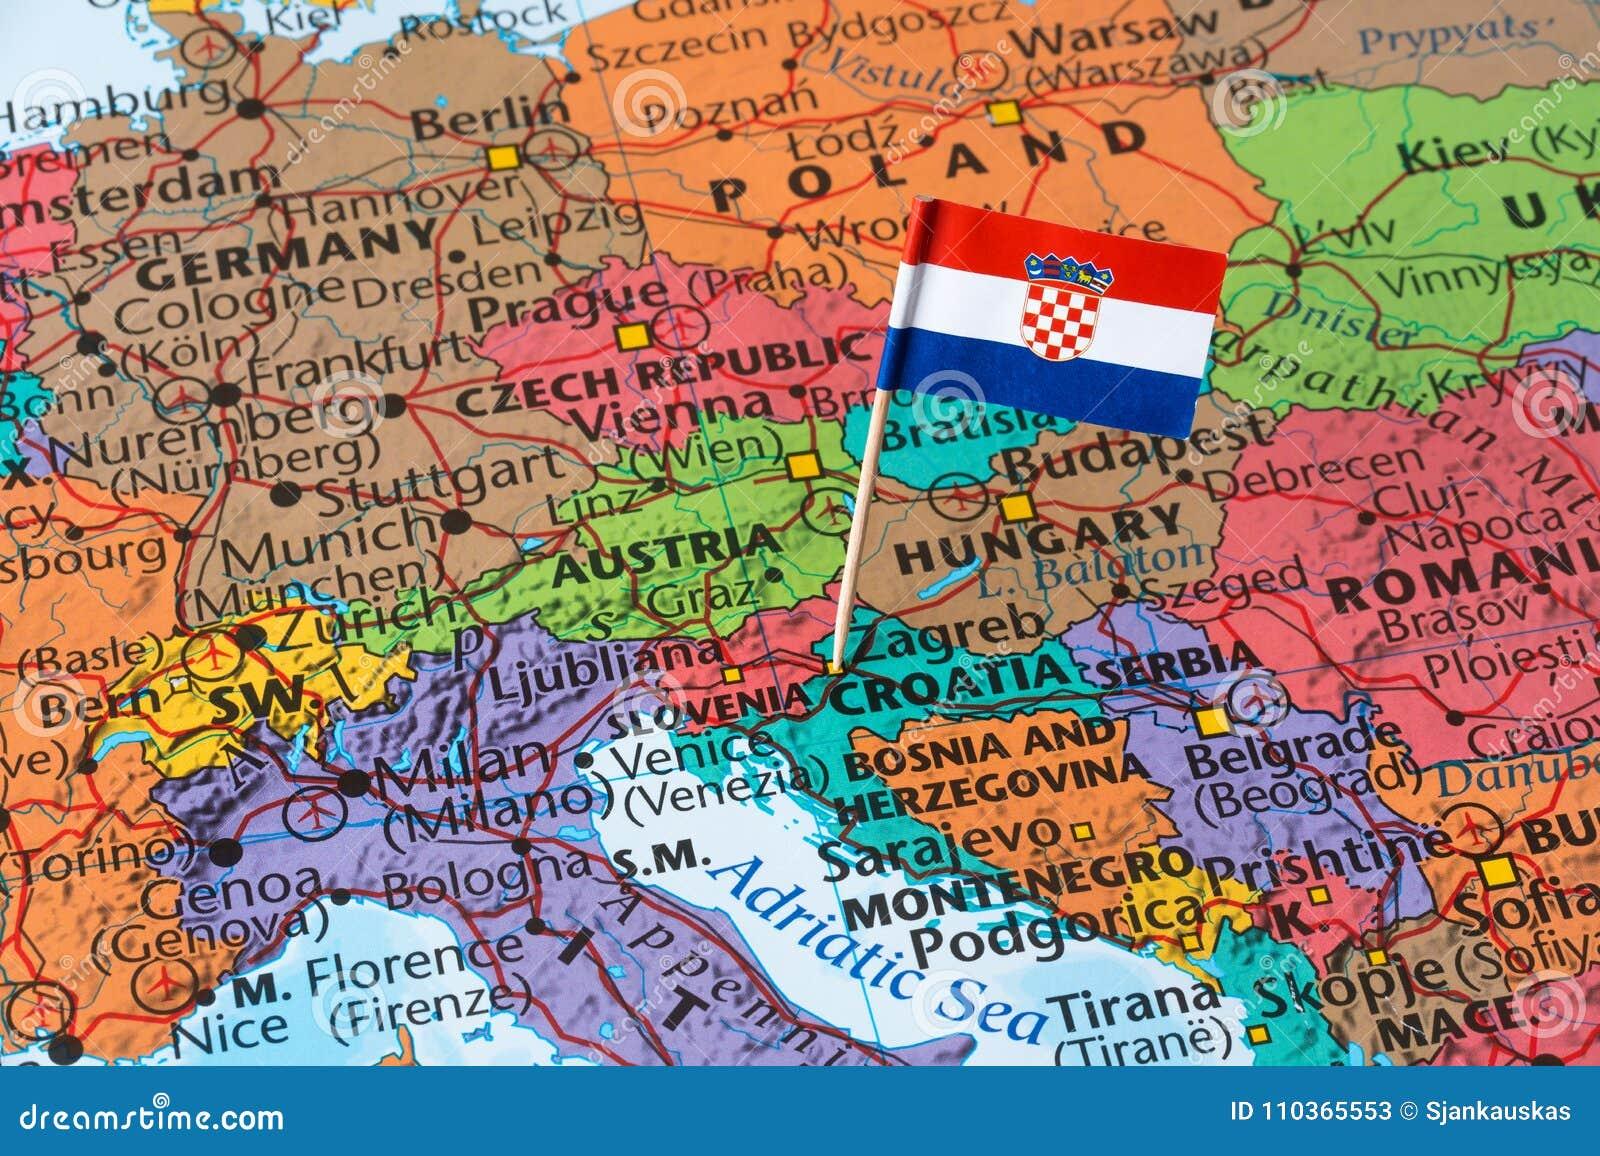 weltkarte kroatien Kroatien Flagge Auf Einer Weltkarte Stockbild   Bild von ziel  weltkarte kroatien